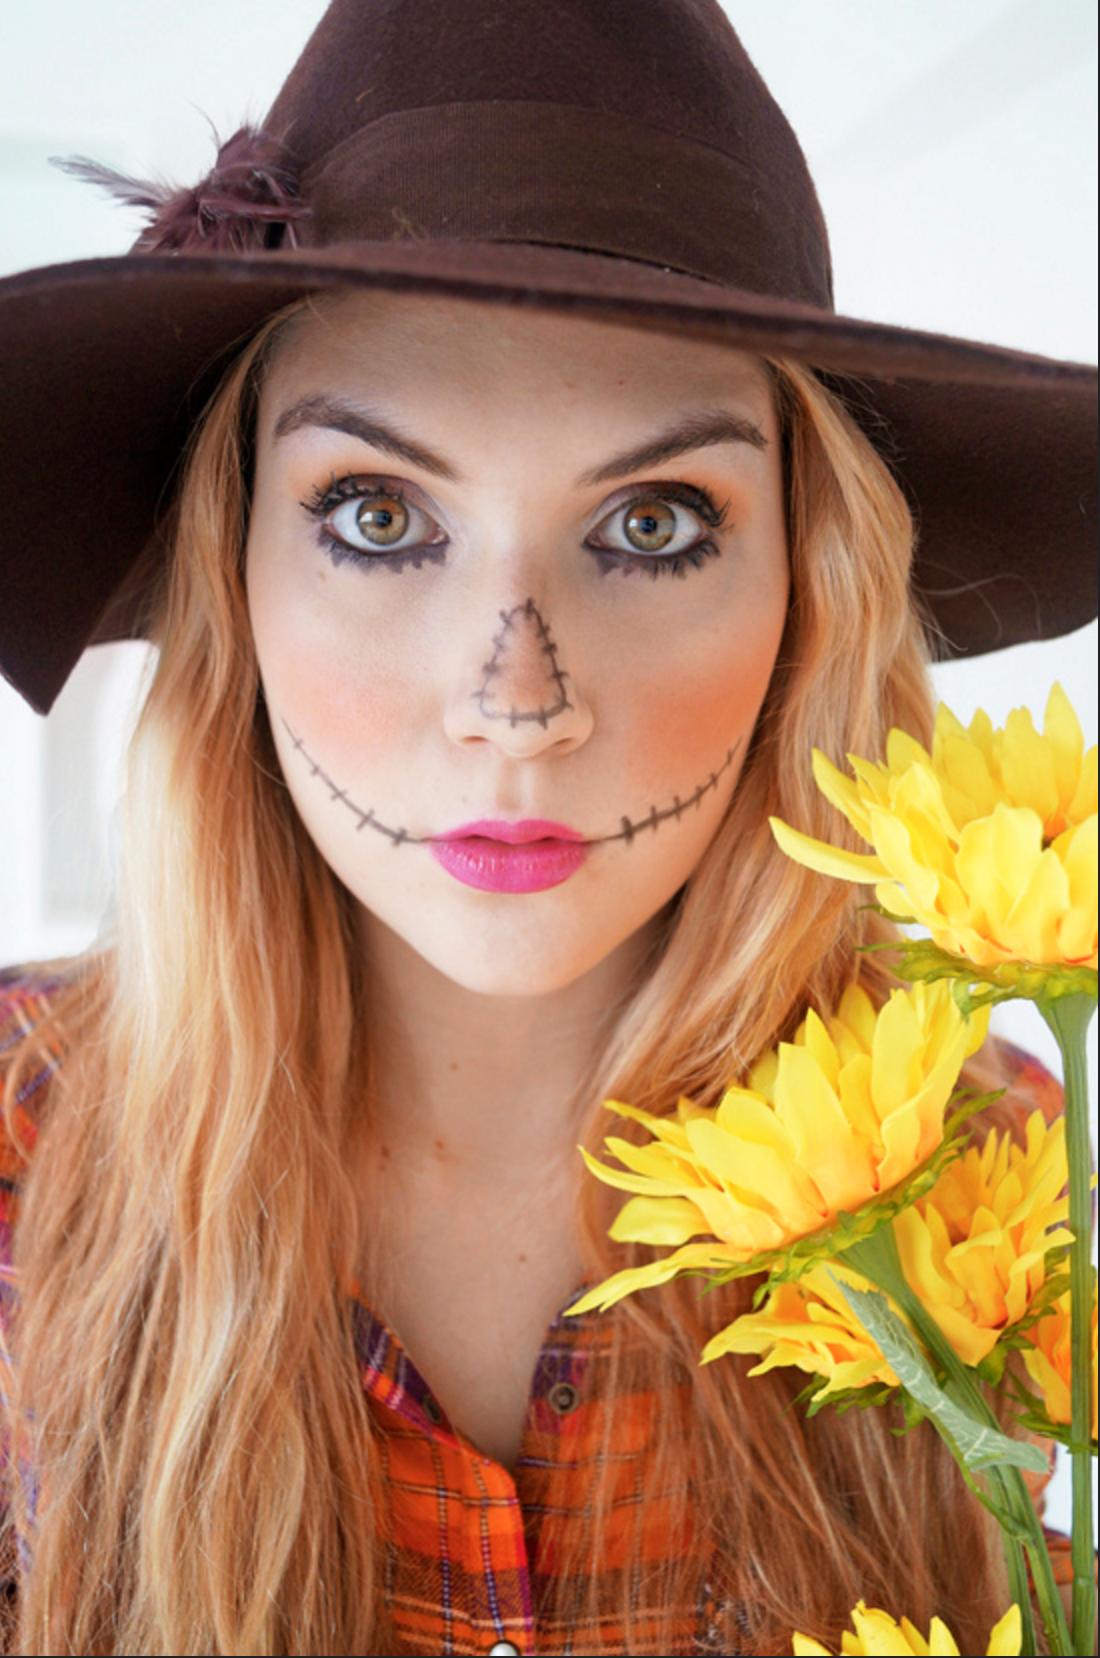 maquillaje bruja halloween en menos de 10 minutos, ideas originales y sencillas para hacer en casa